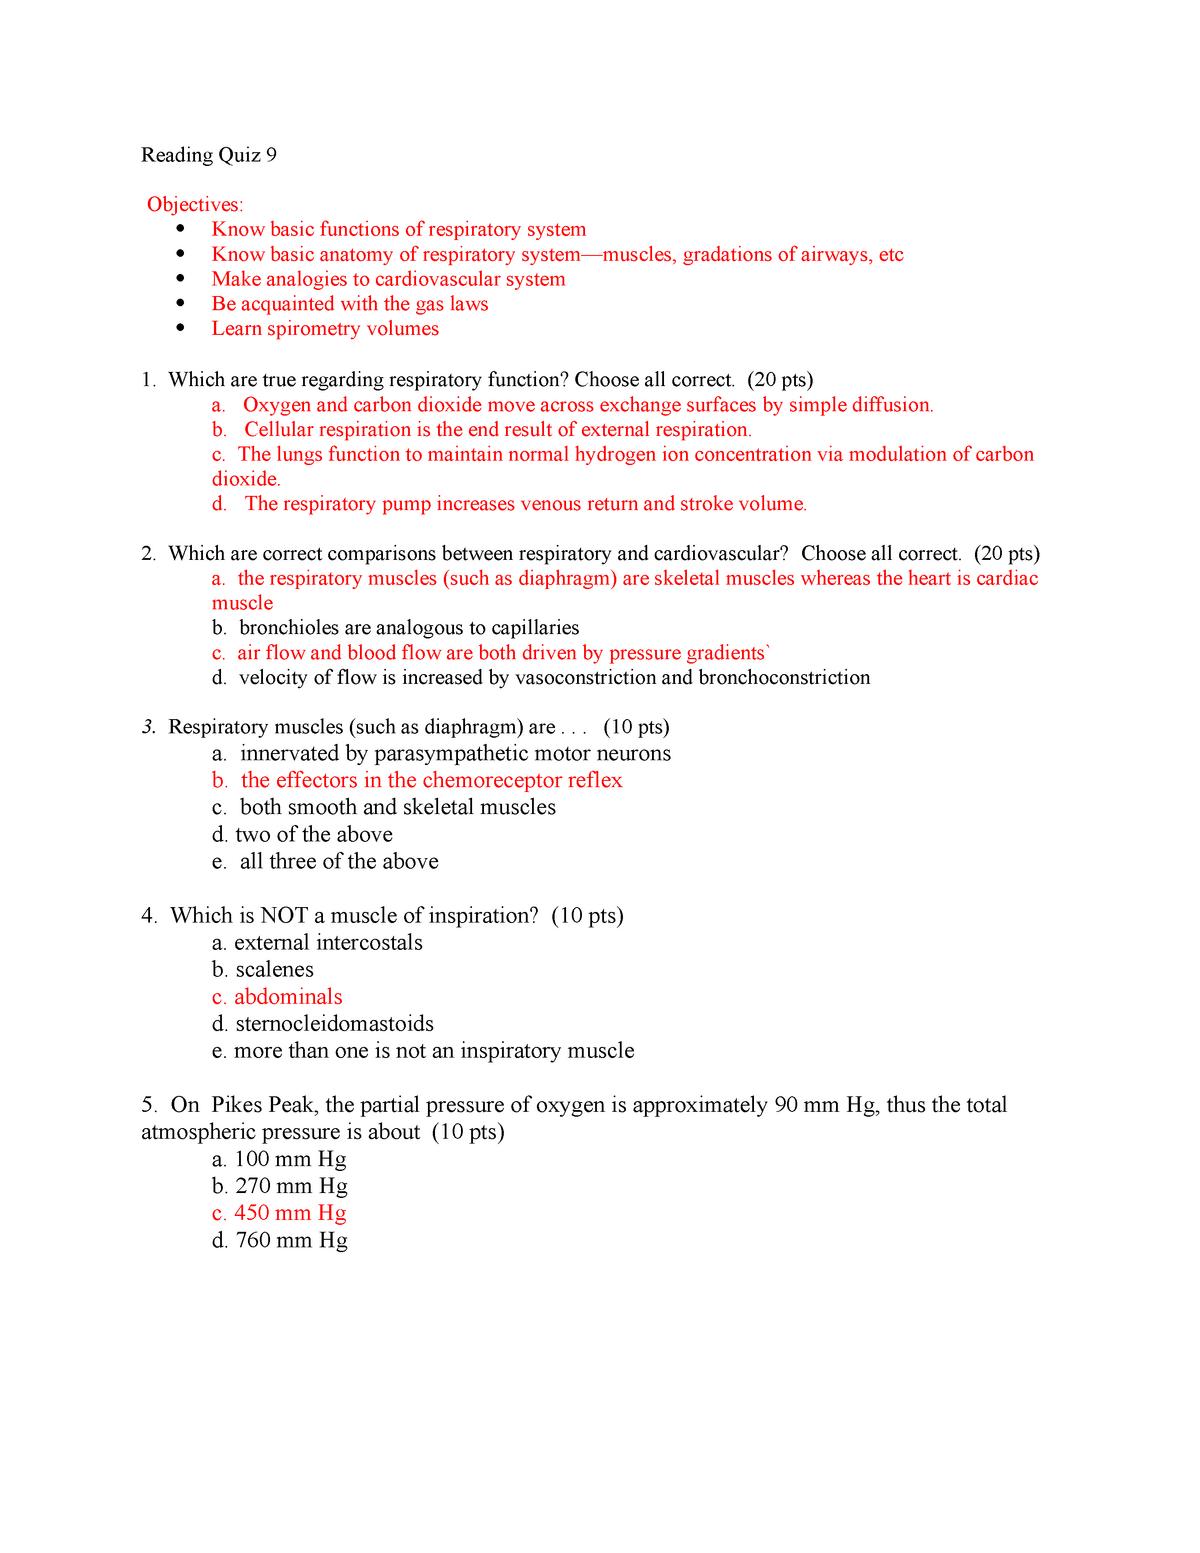 RQ9 Blank Spr 18 - RQ 9 - BIOL 3345 Human Physiology - StuDocu